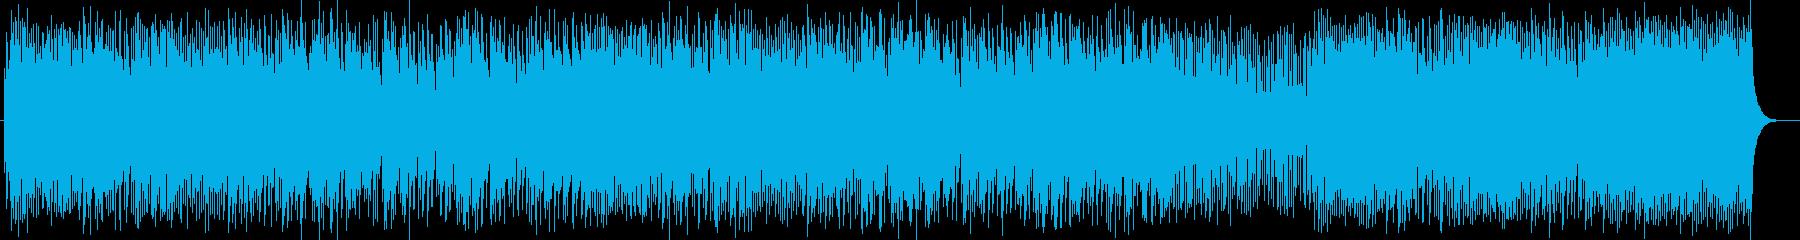 キーボードが奏でるポップなメロディーの再生済みの波形